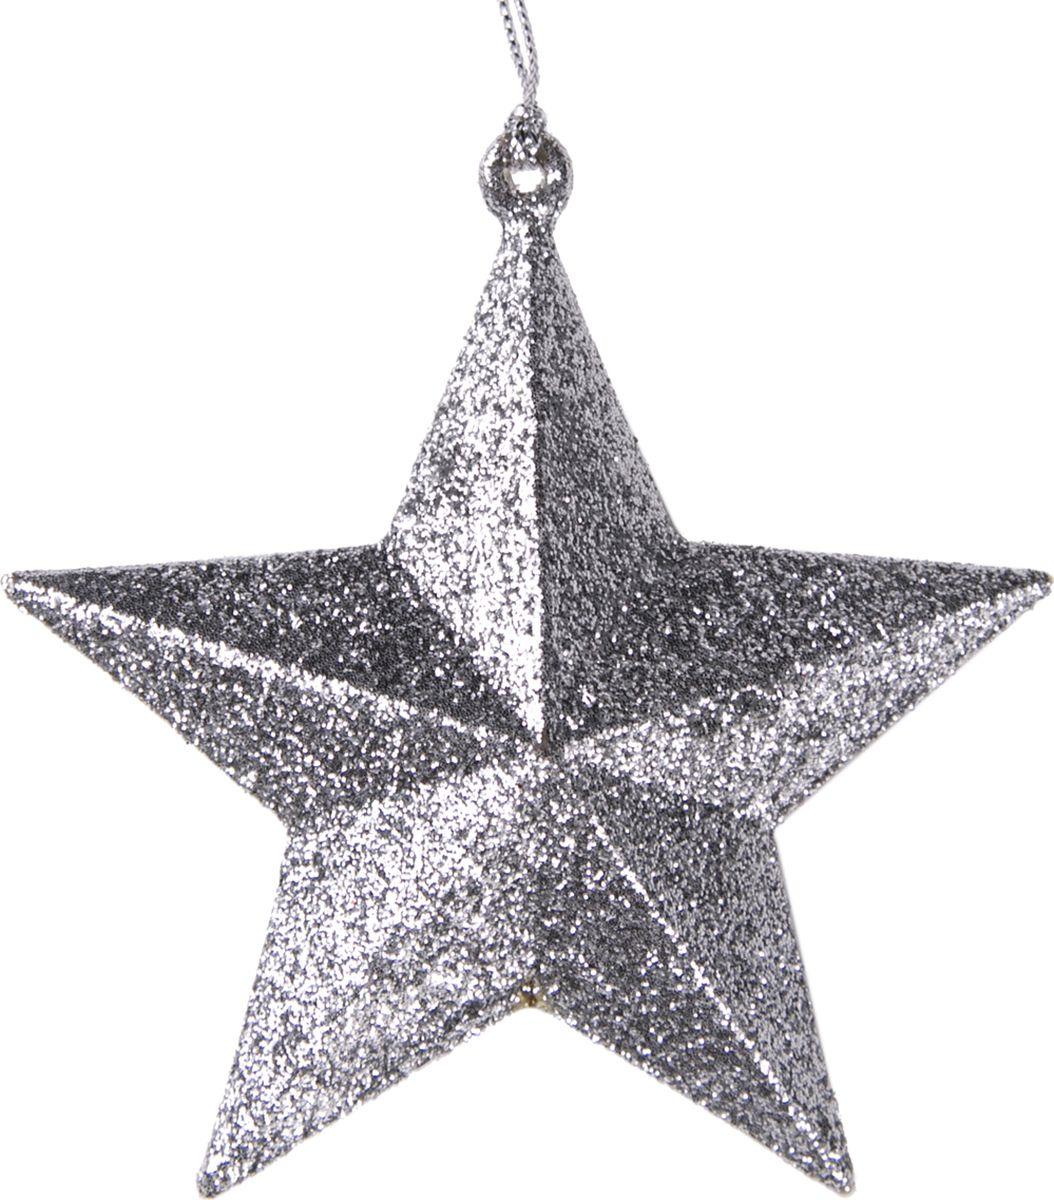 Новогоднее подвесное елочное украшение Magic Time Звезда, цвет: серебряный, 10 x 9,5 x 3,5 см украшение новогоднее подвесное magic time морозная звезда 8 см